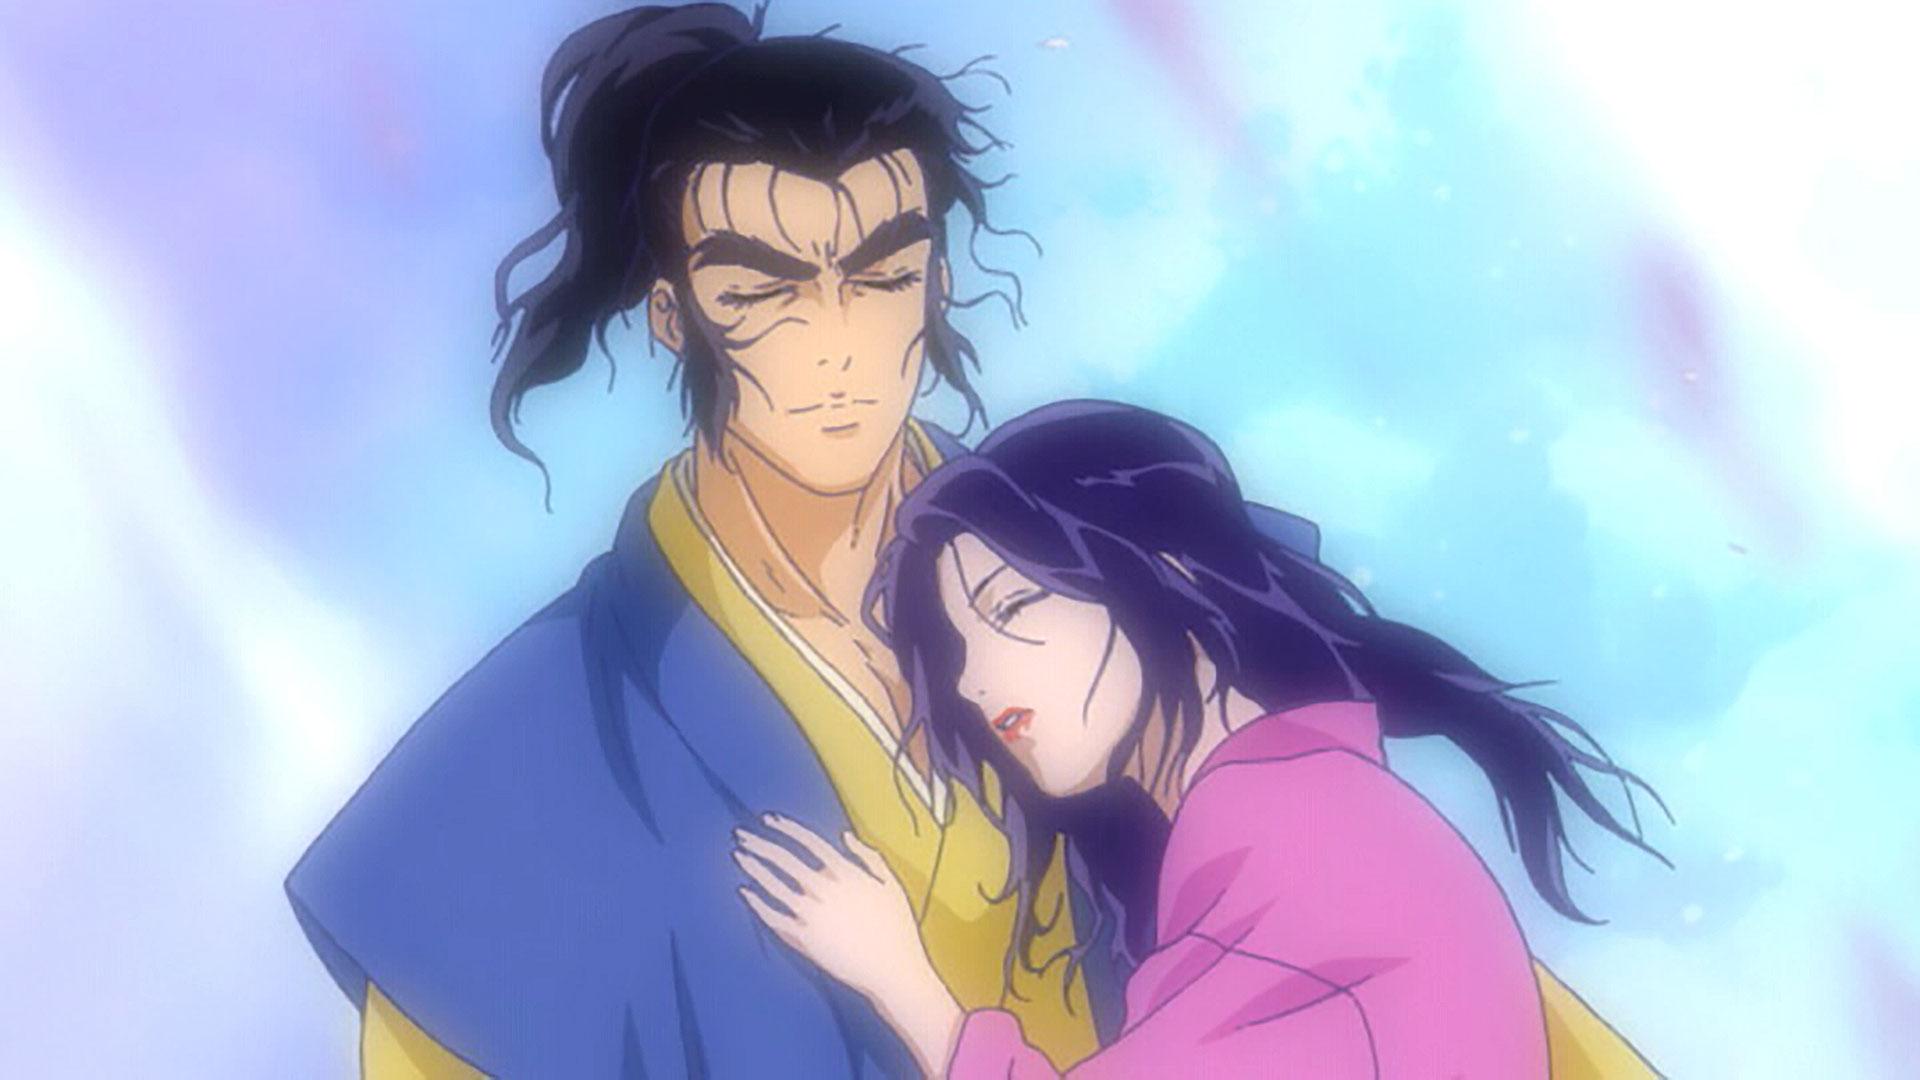 バジリスク〜甲賀忍法帖〜